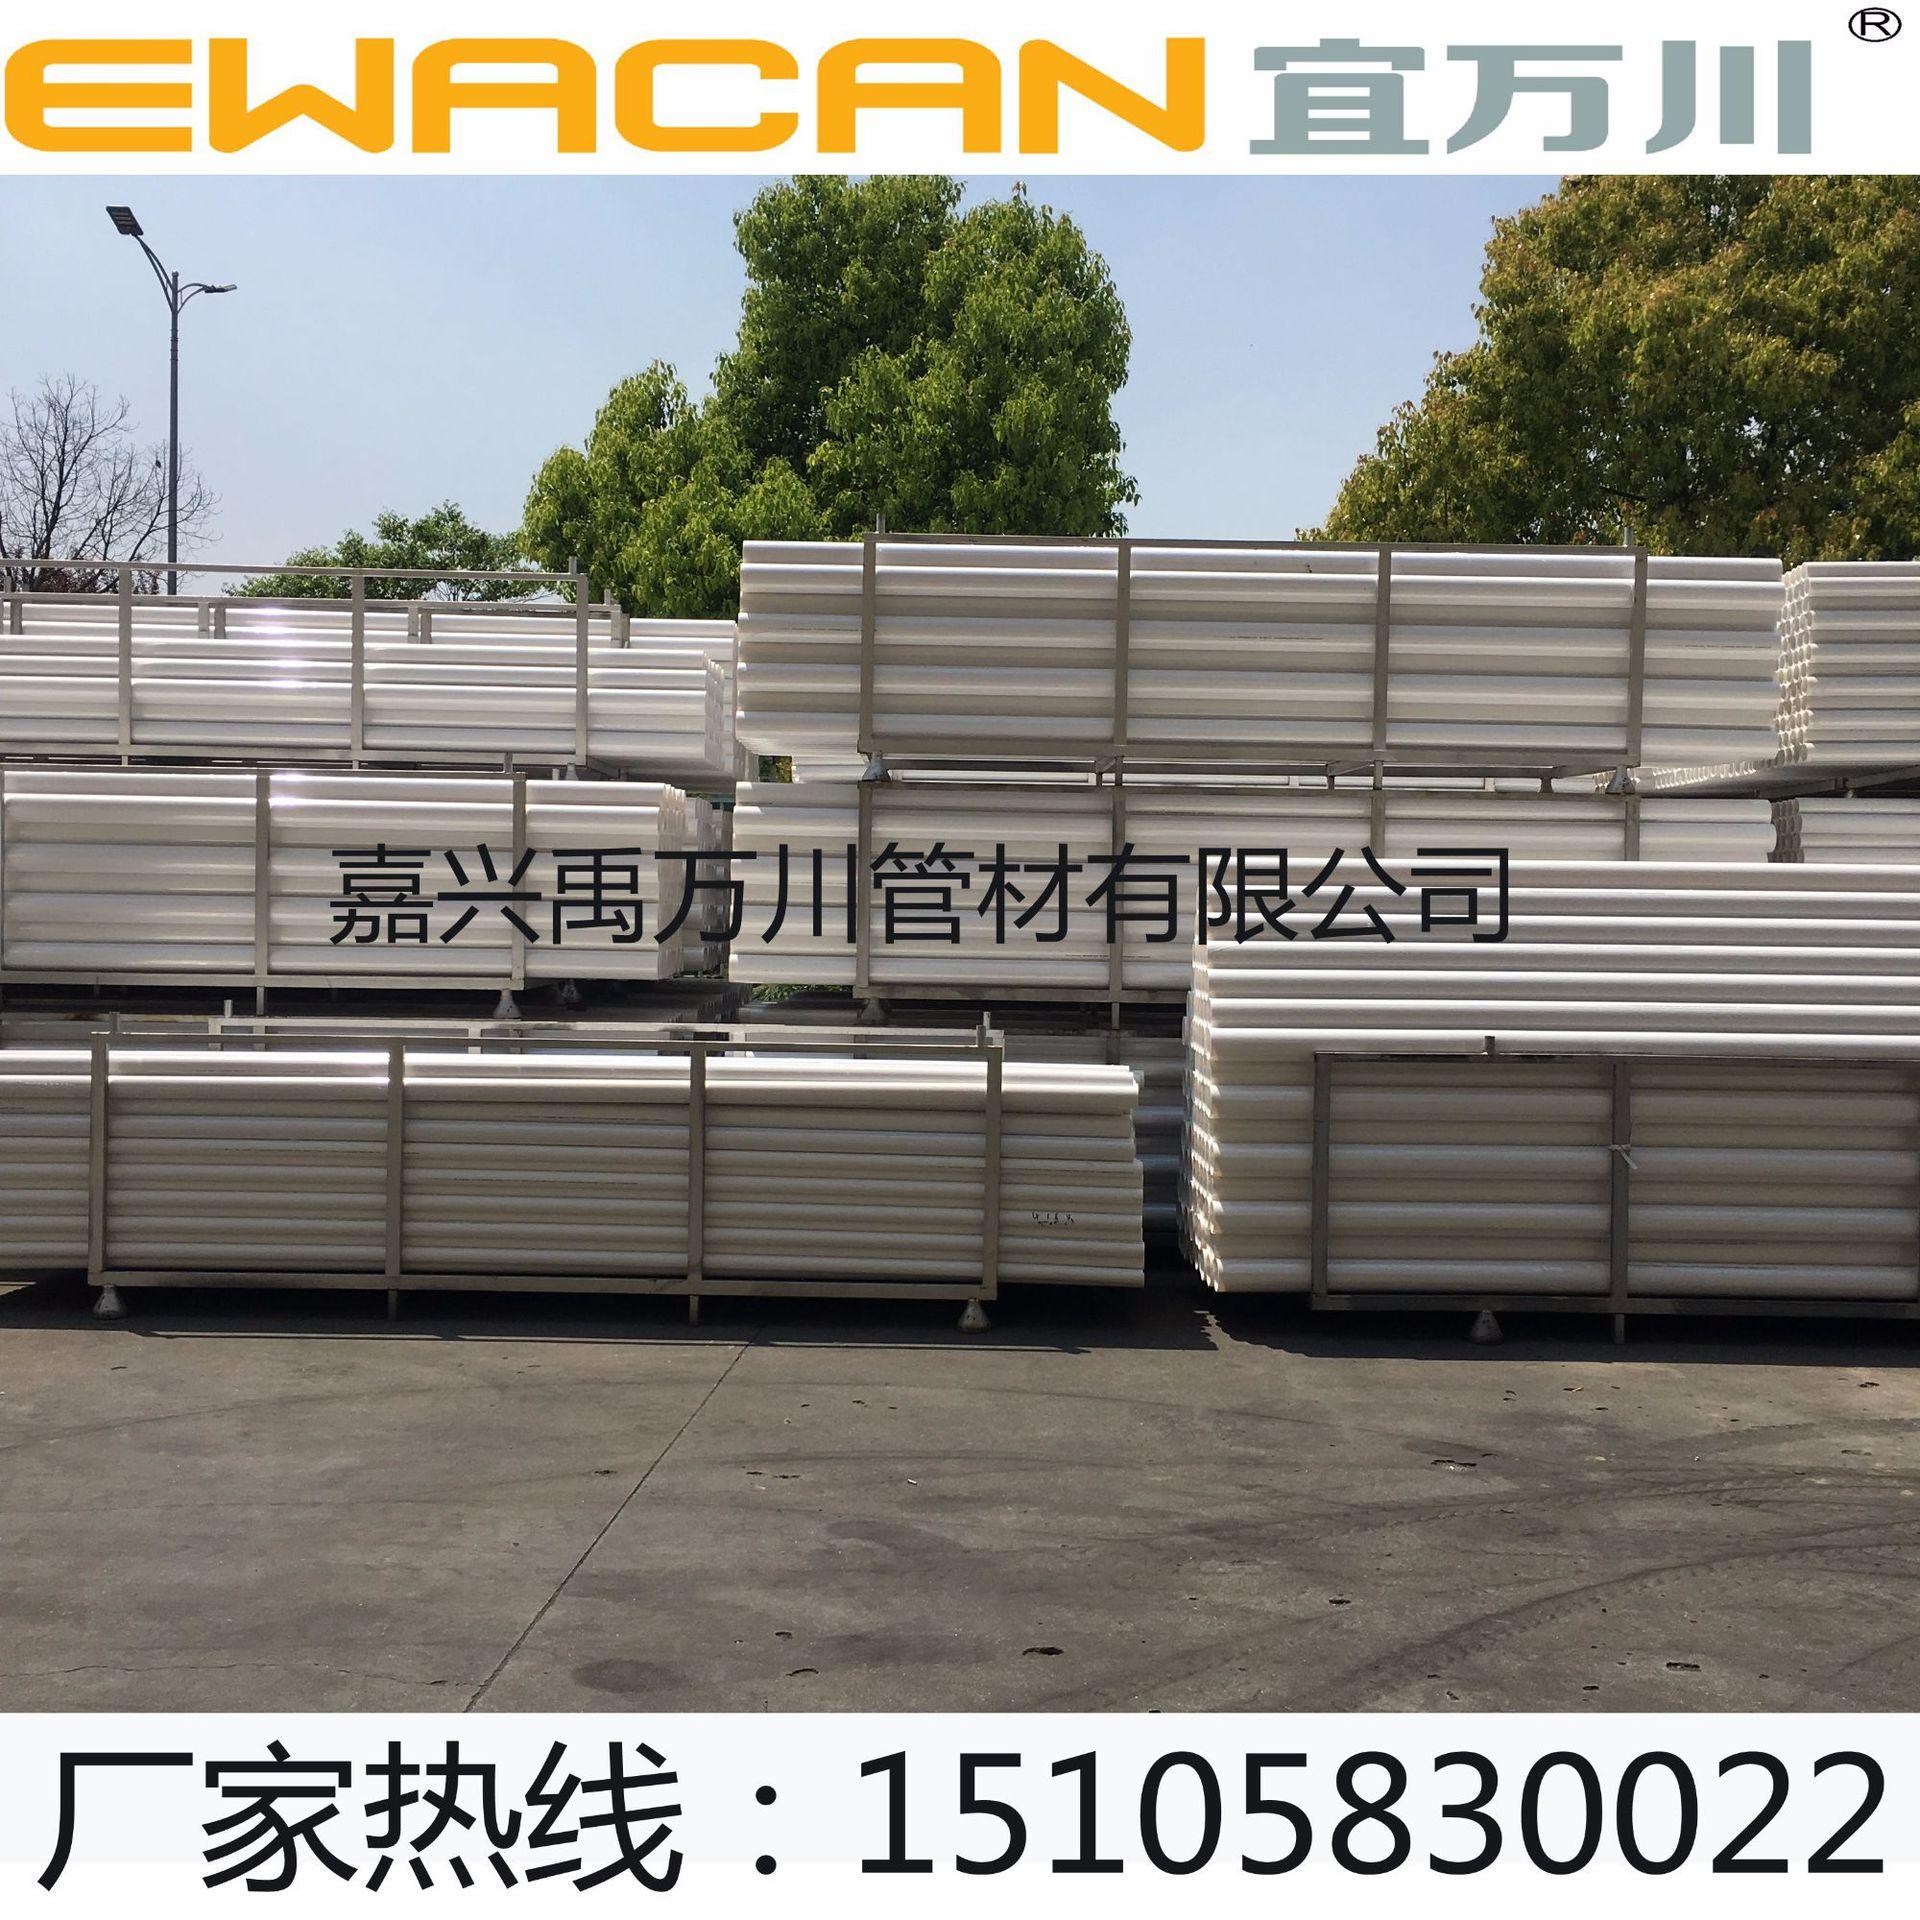 重庆HDPE沟槽式超静音排水管,高密度聚乙烯HDPE环压ABS卡箍连接示例图1